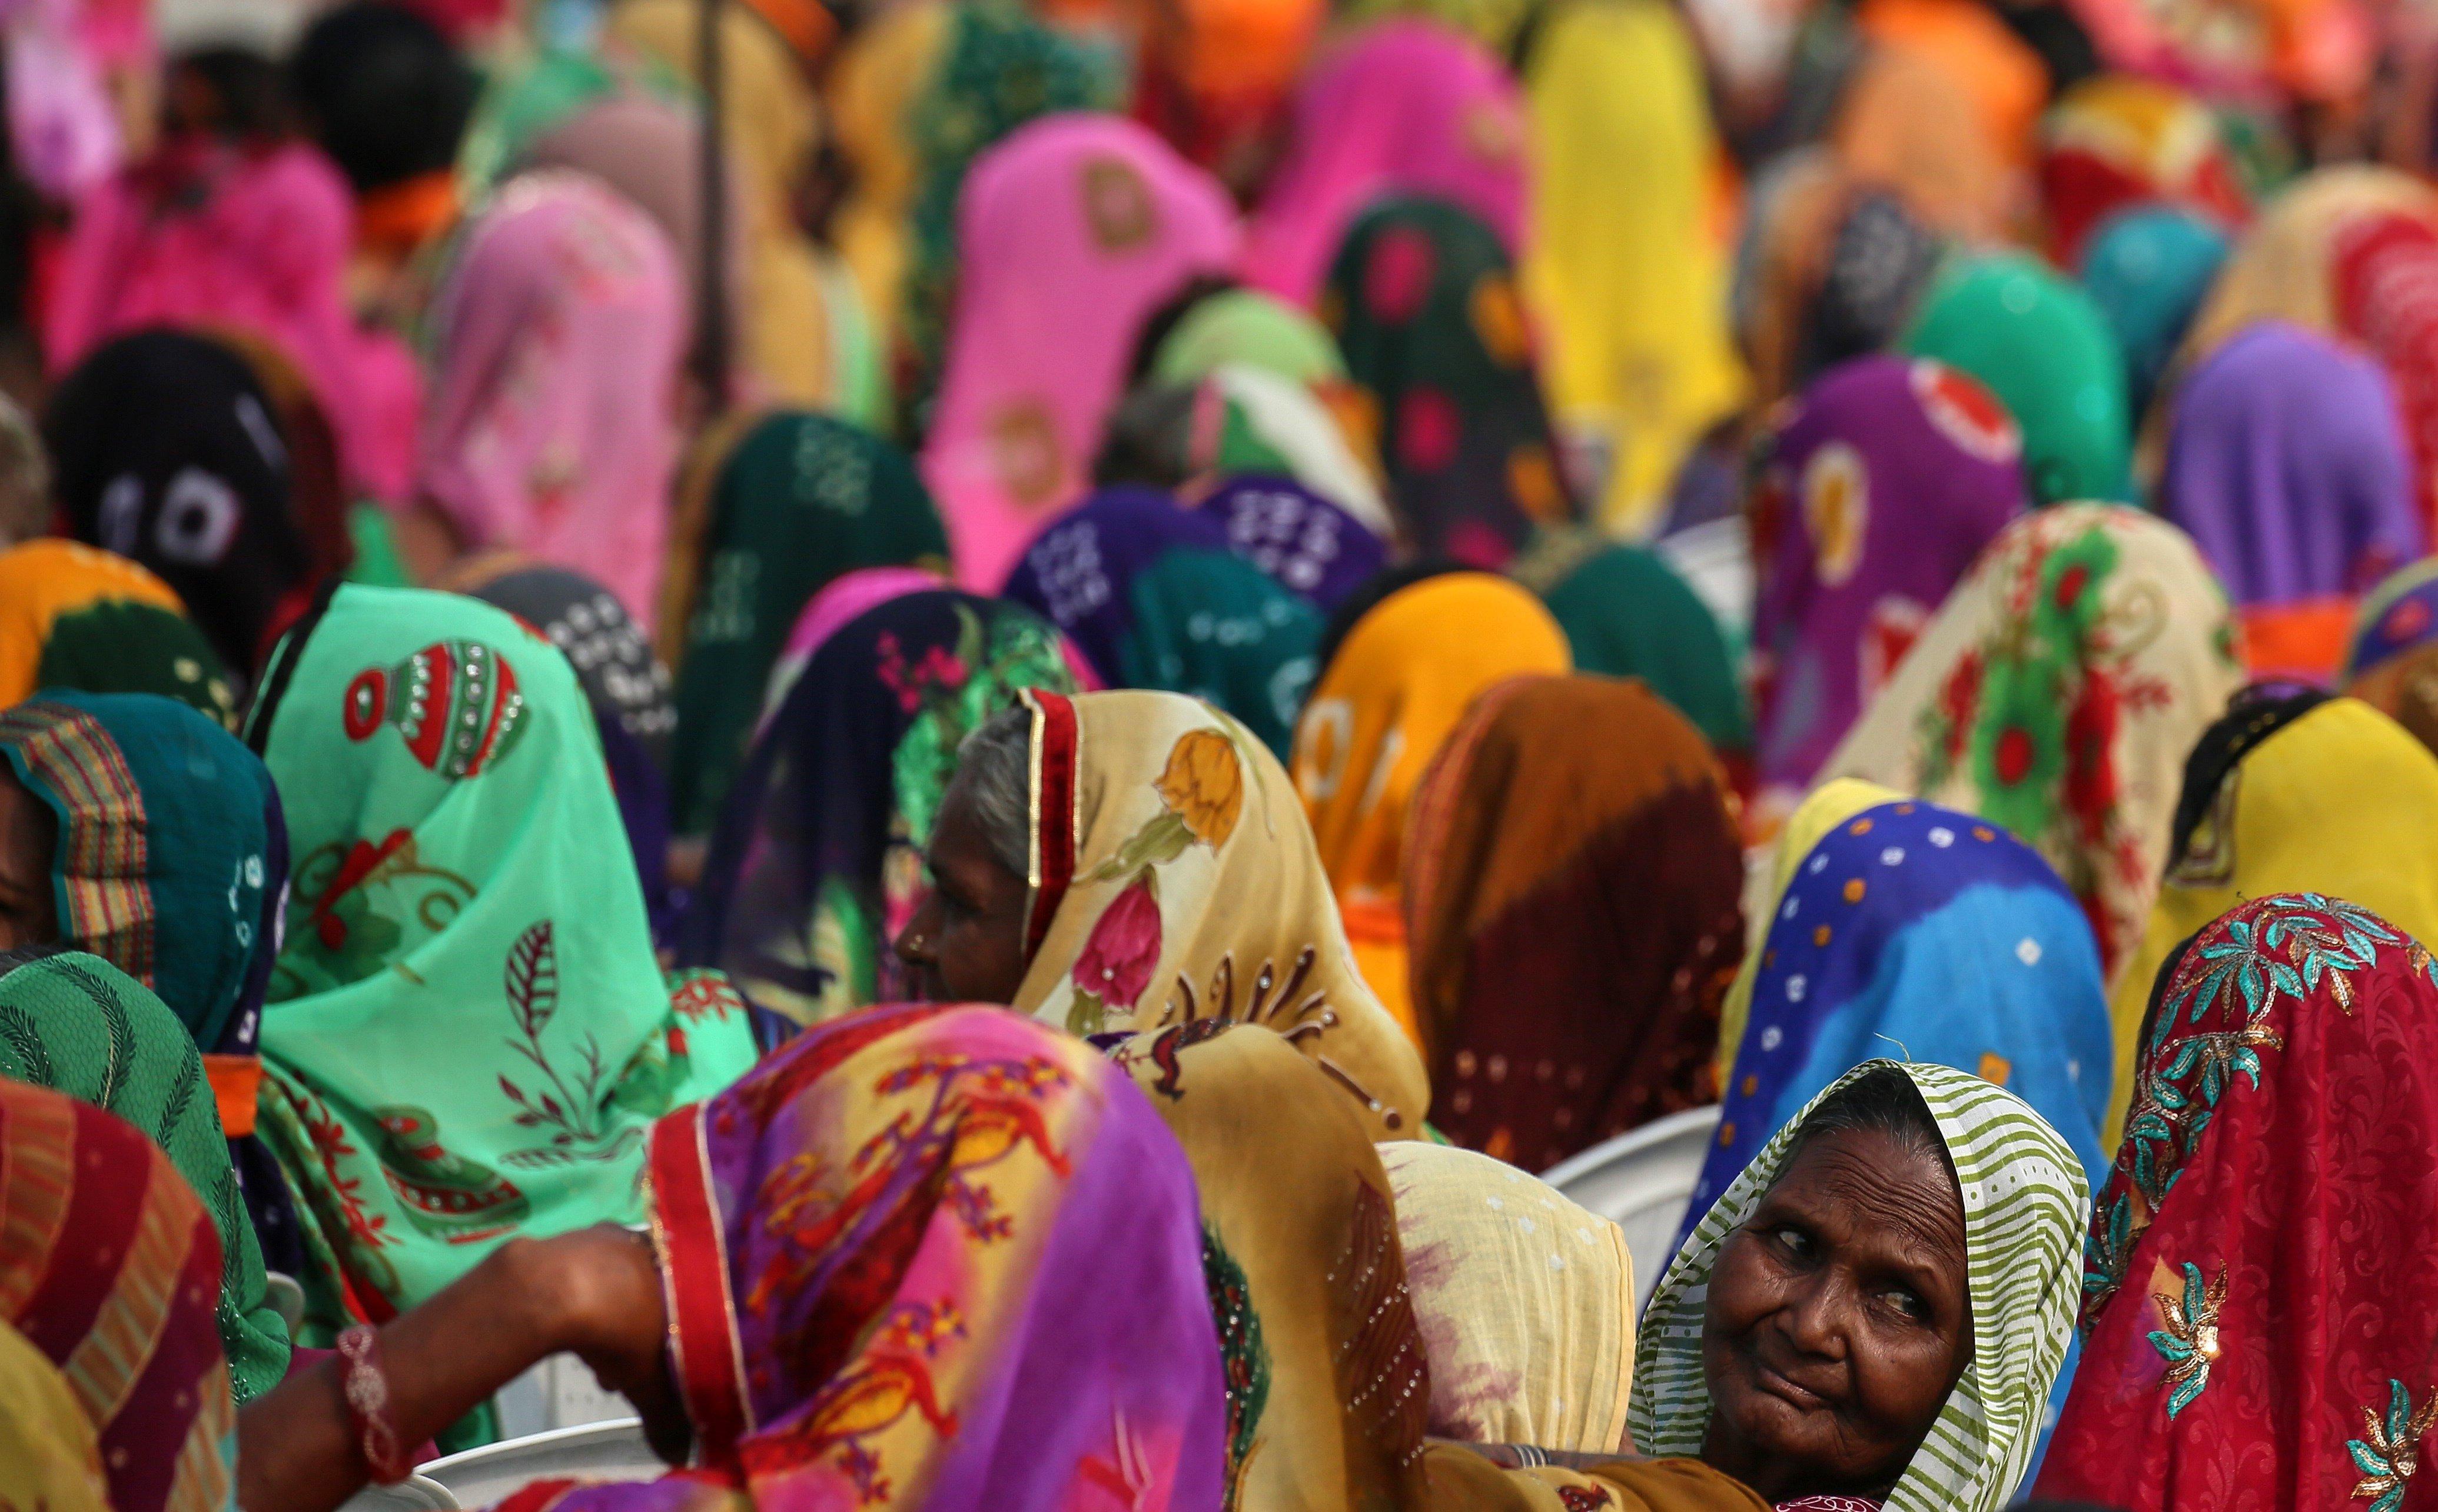 Campanya del partit Bharatiya Janta per a les eleccions de l'Assemblea de l'estat de Gujarat, Índia. /DIVYAKANT SOLANKI